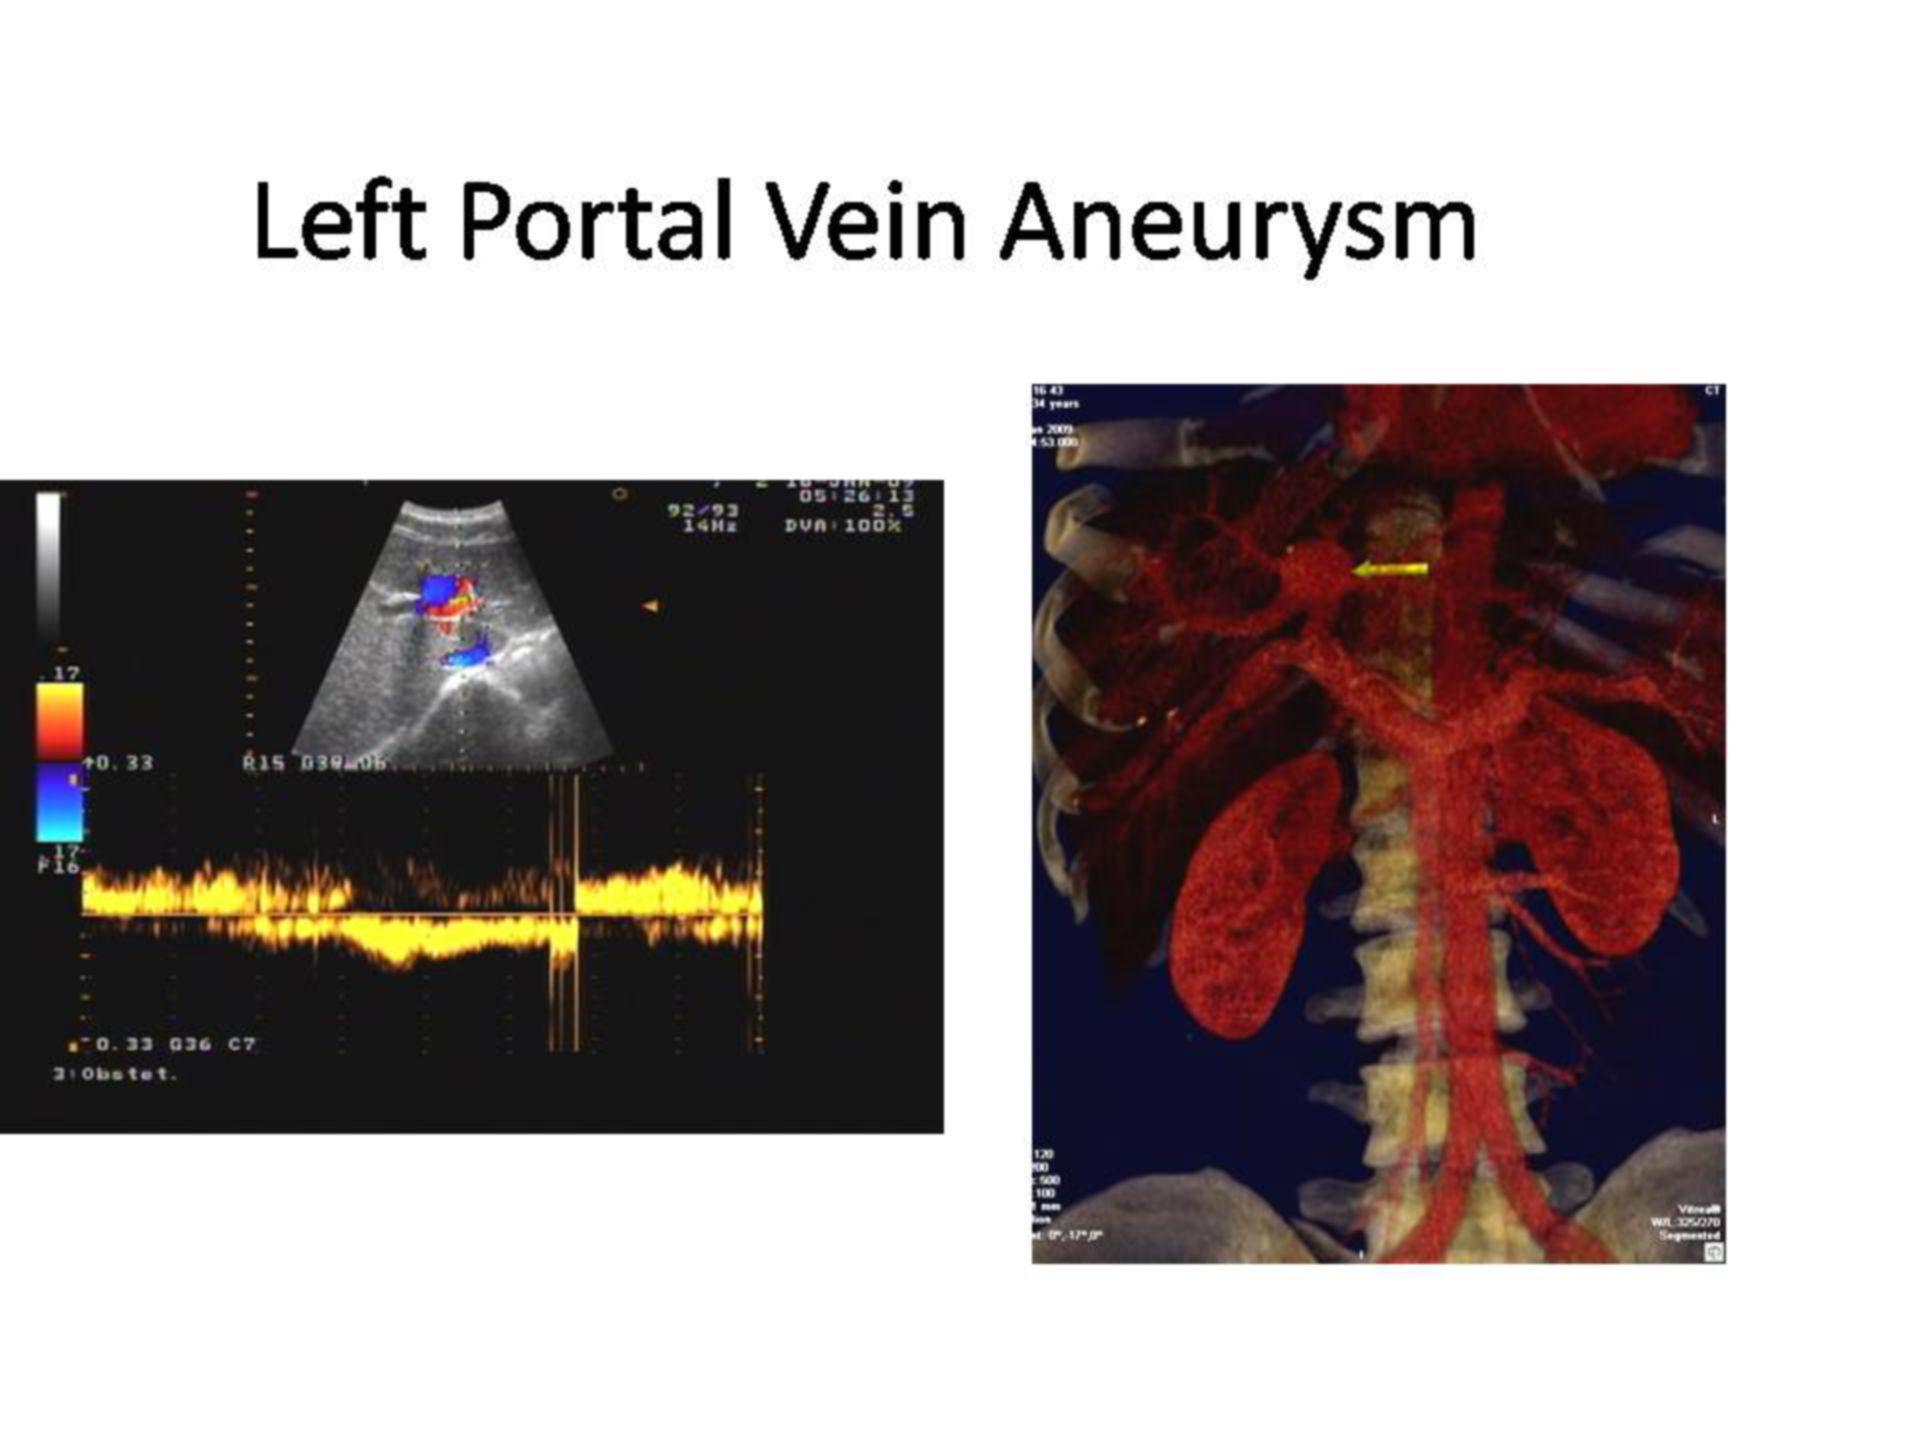 Aneurisma della vena portale intraepatica sinistra (2)